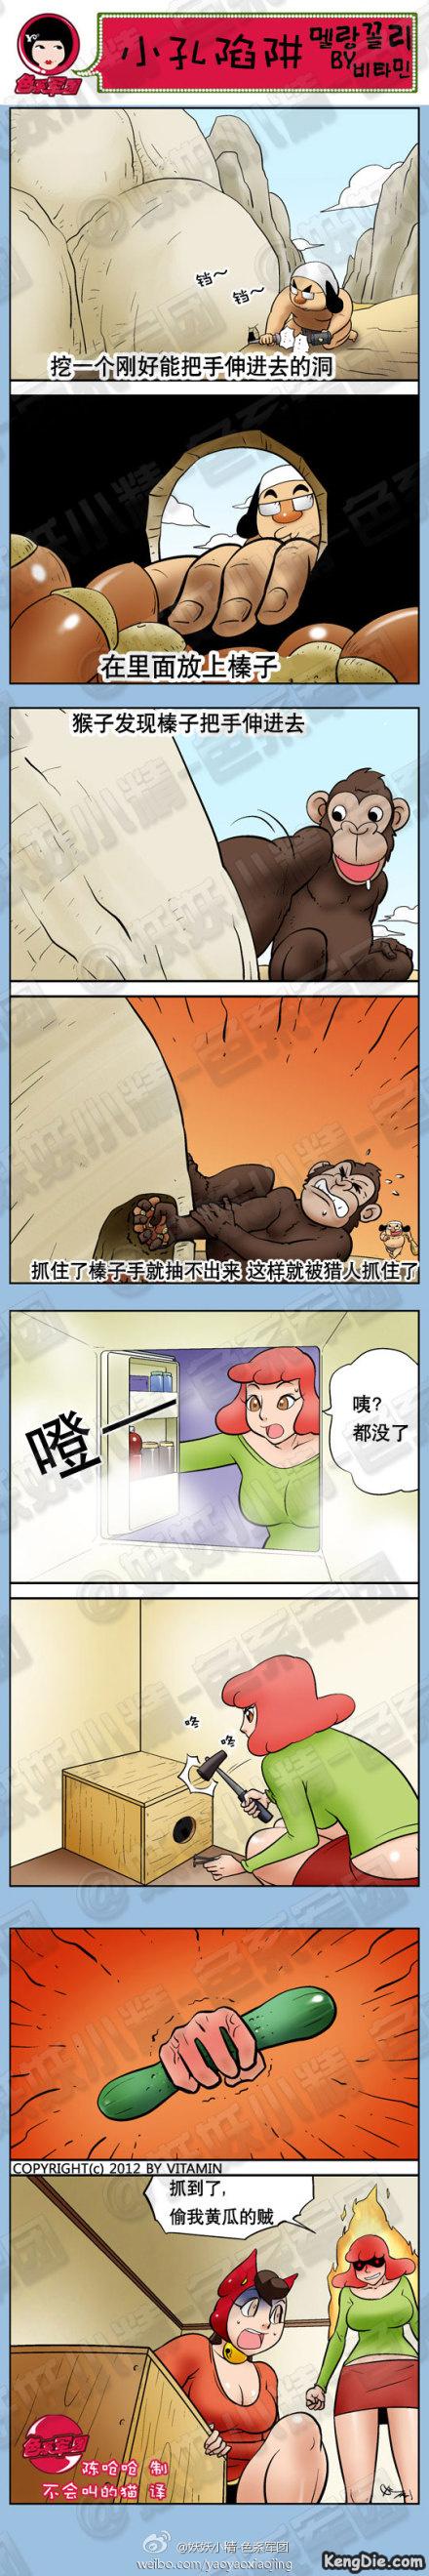 色系军团邪恶漫画:智擒小偷